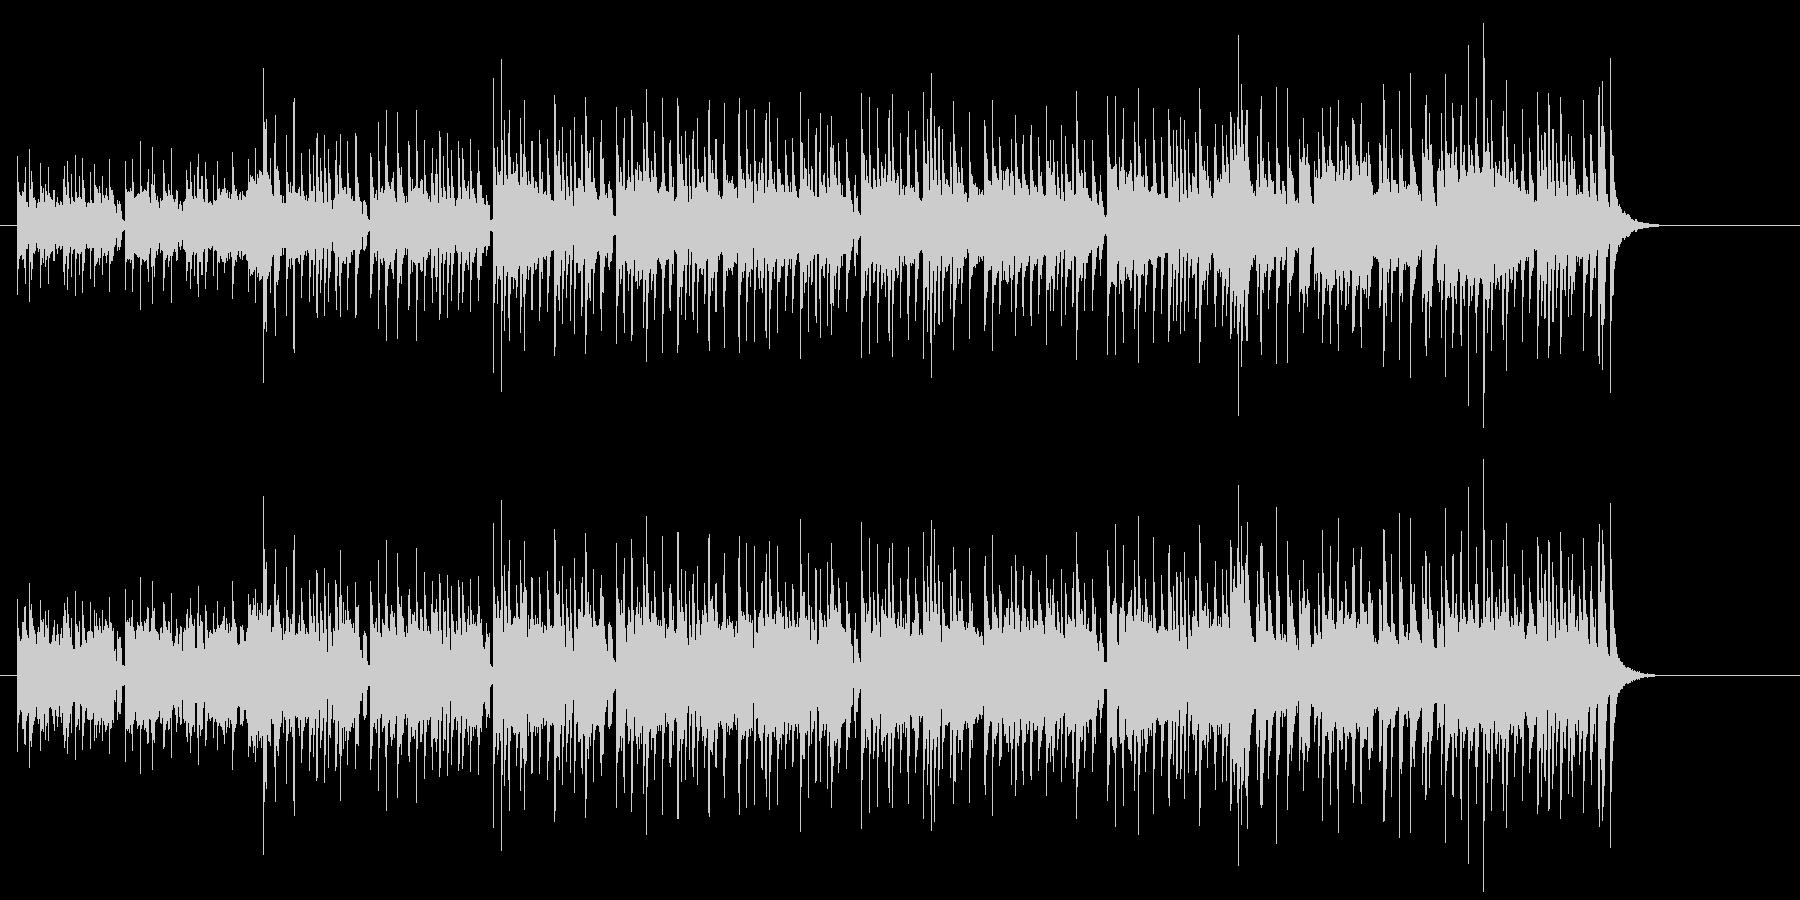 チョッパー・ベースが弾むフュージョンの未再生の波形